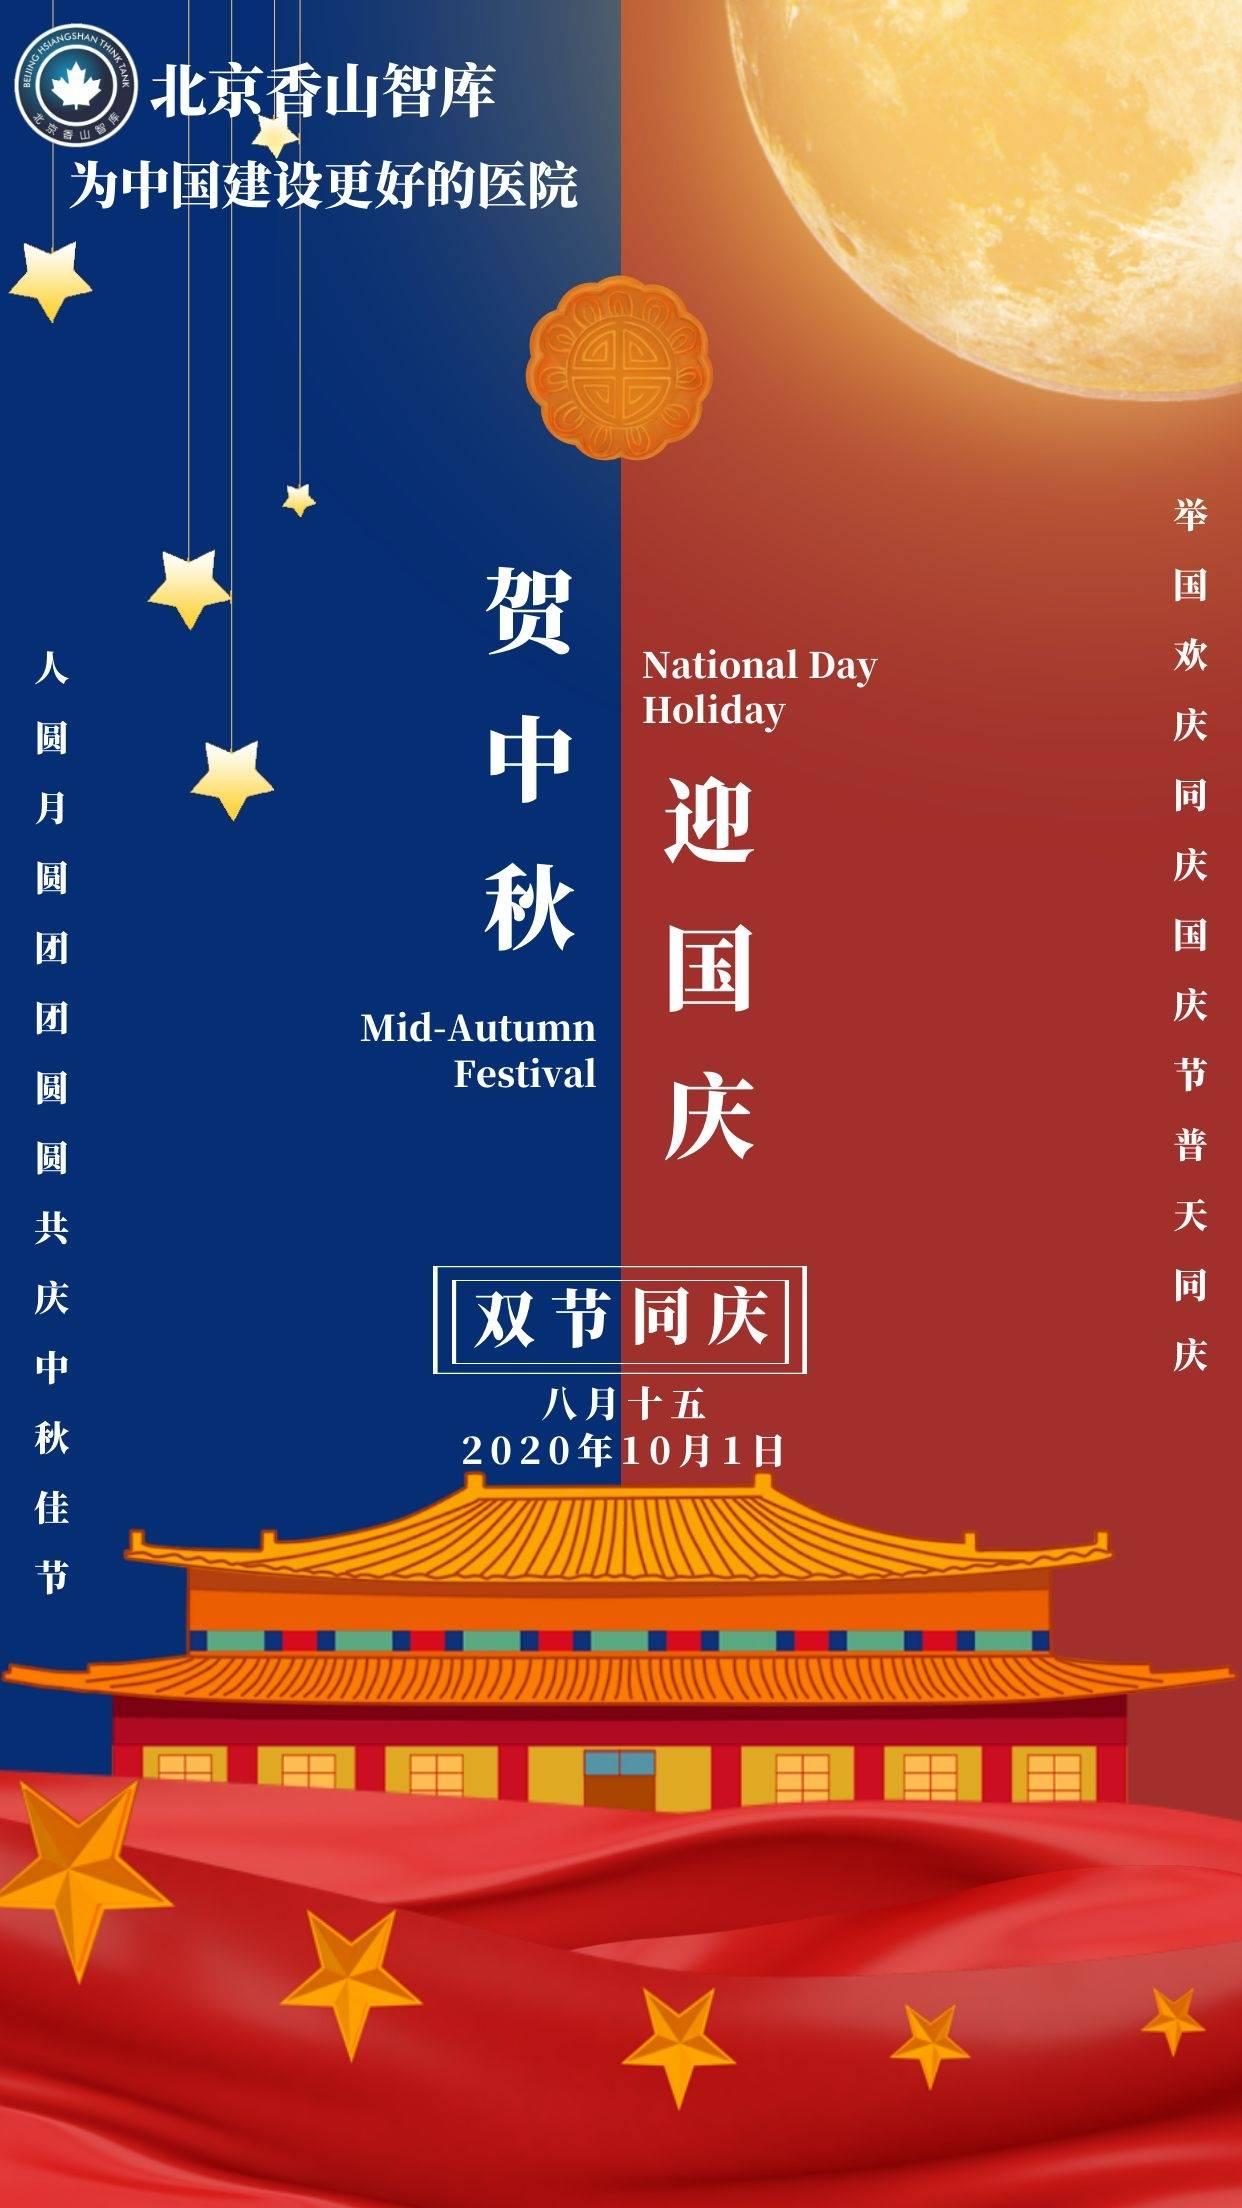 北京香山智库祝大家中秋国庆双节快乐